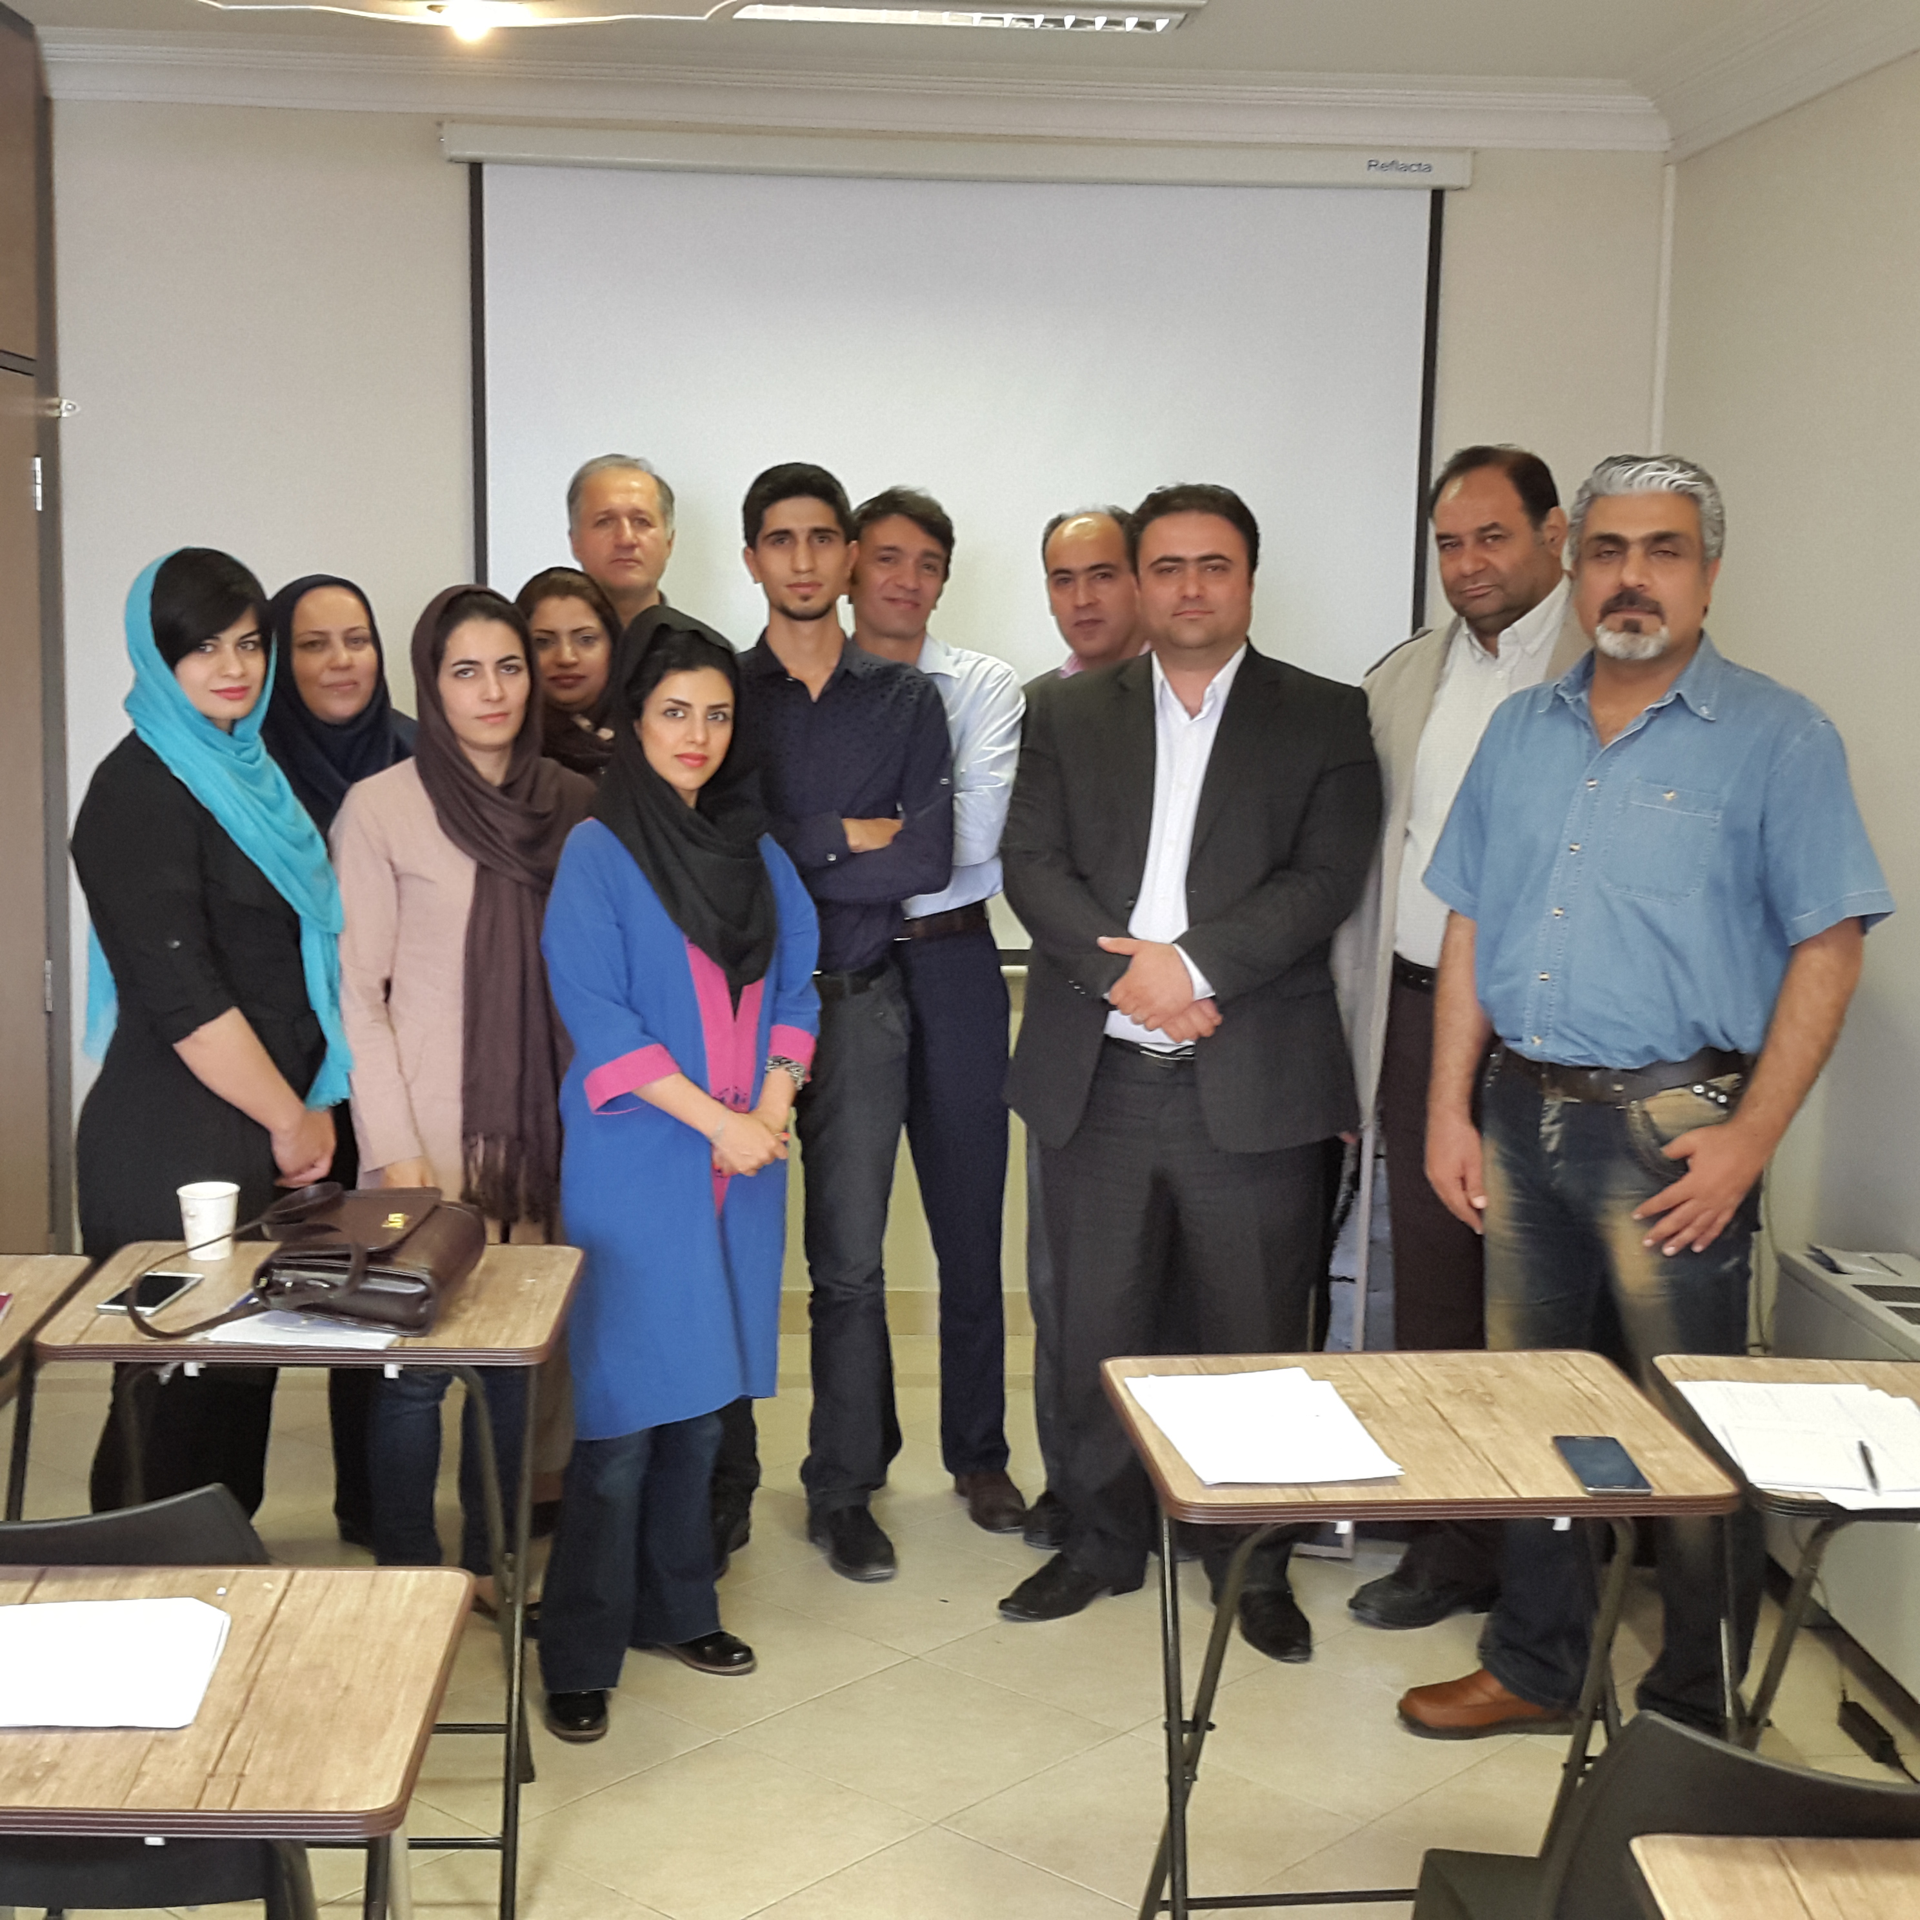 کارگاه اصول و فنون اظهارنامه نویسی – تهران دفتر توانیر